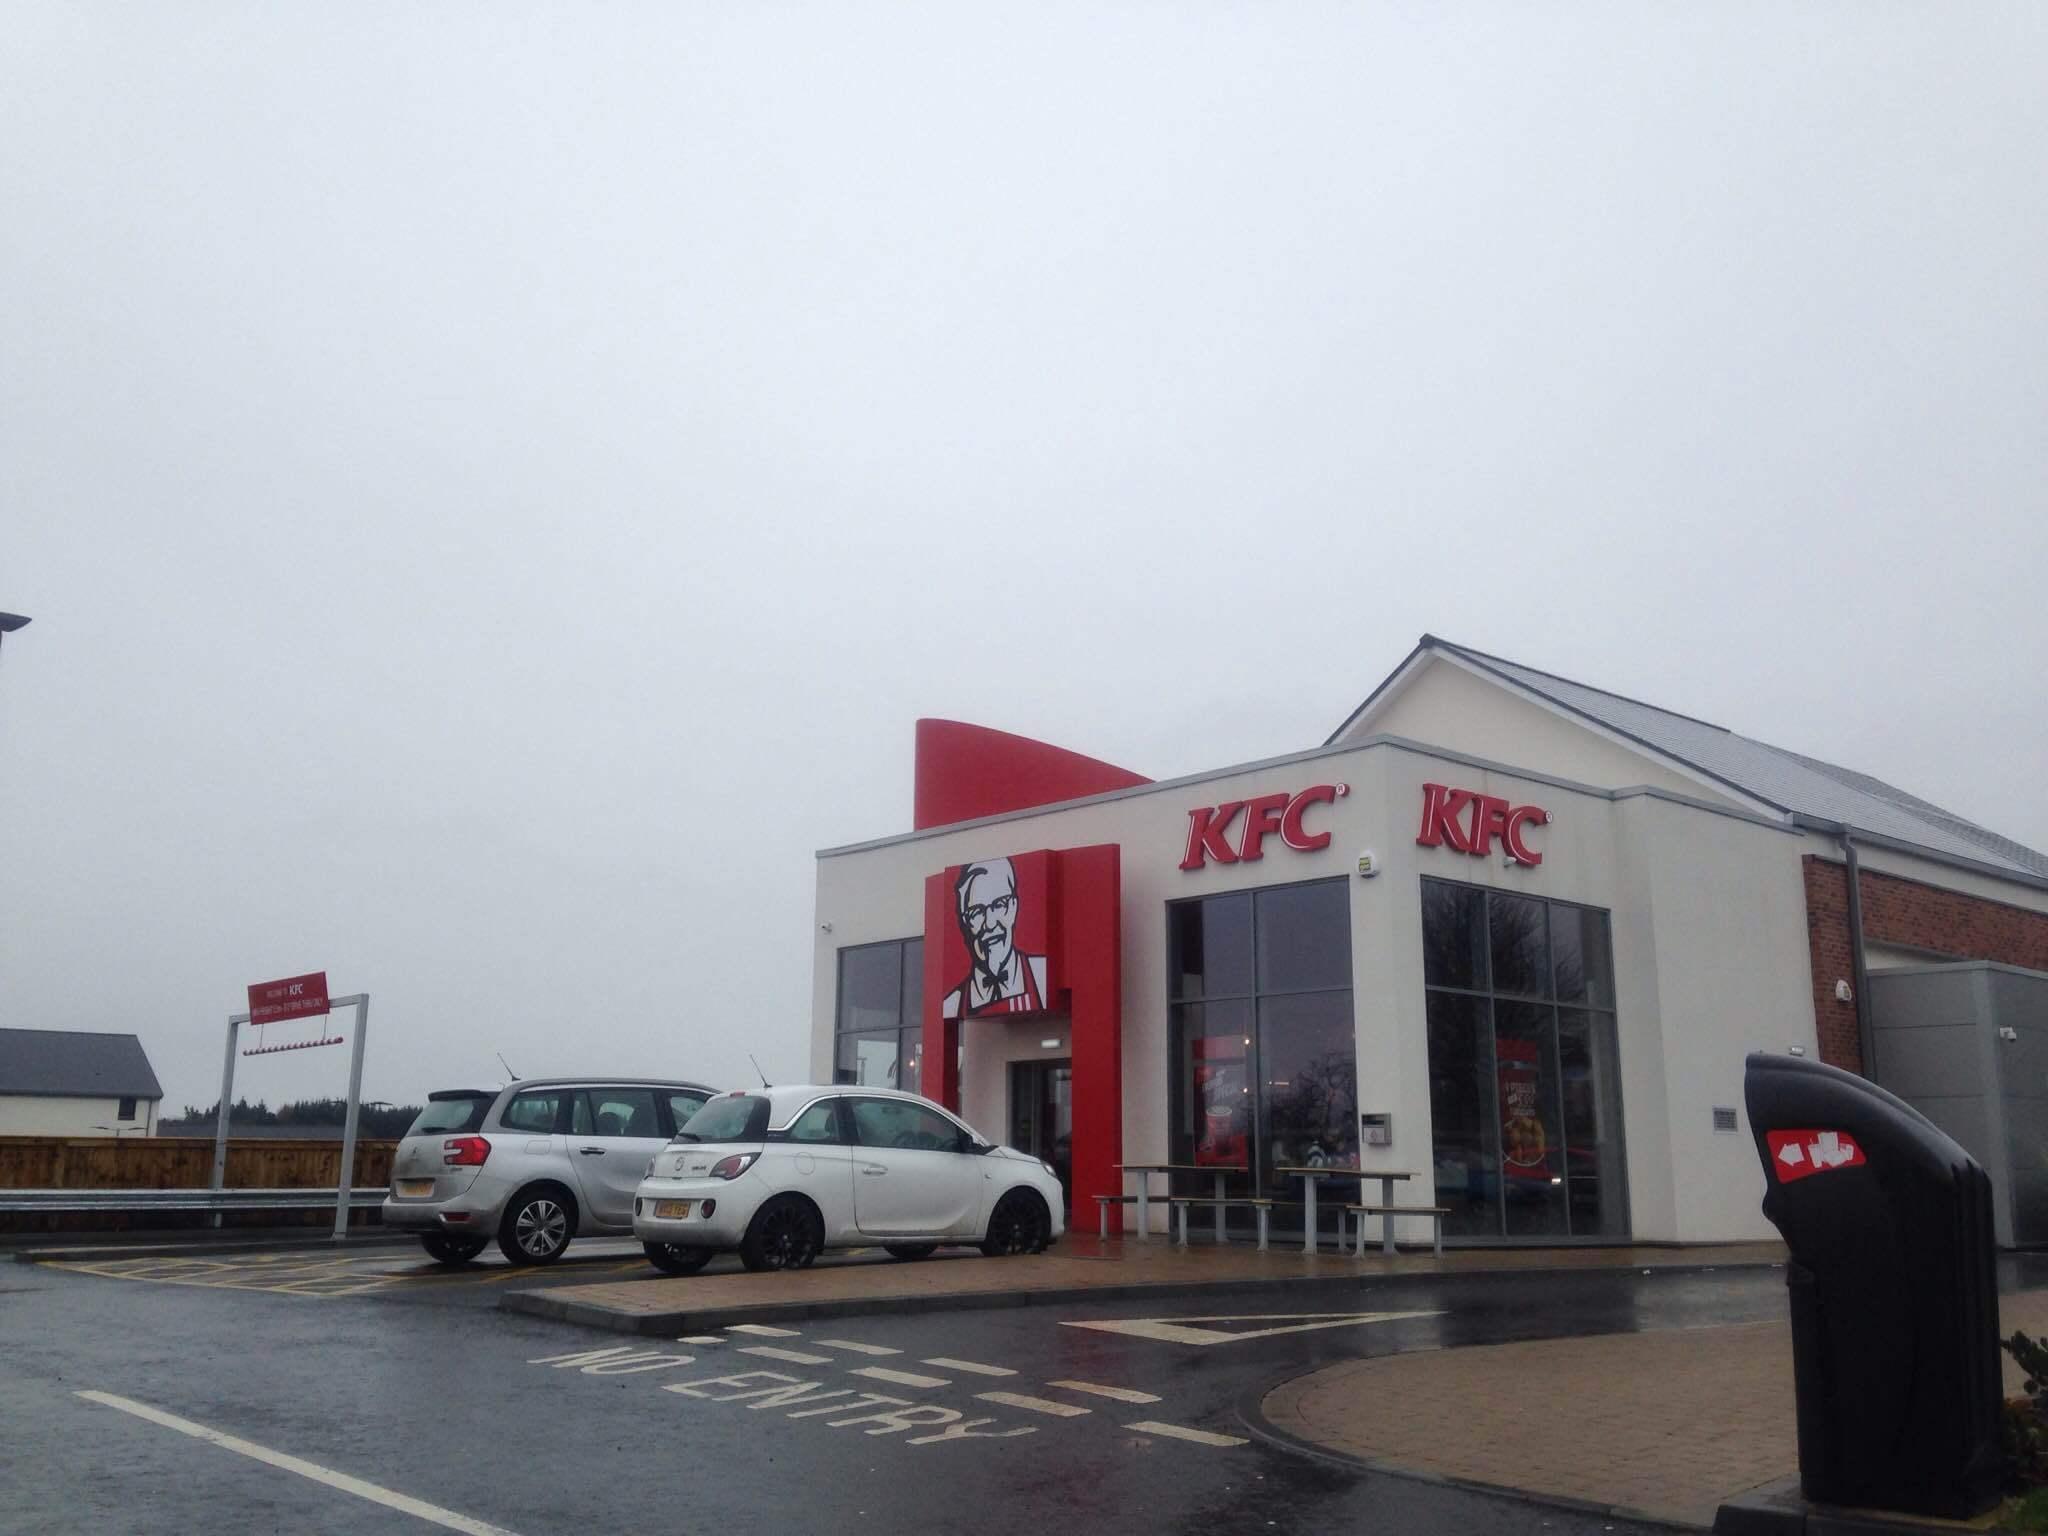 KFC drive thru store